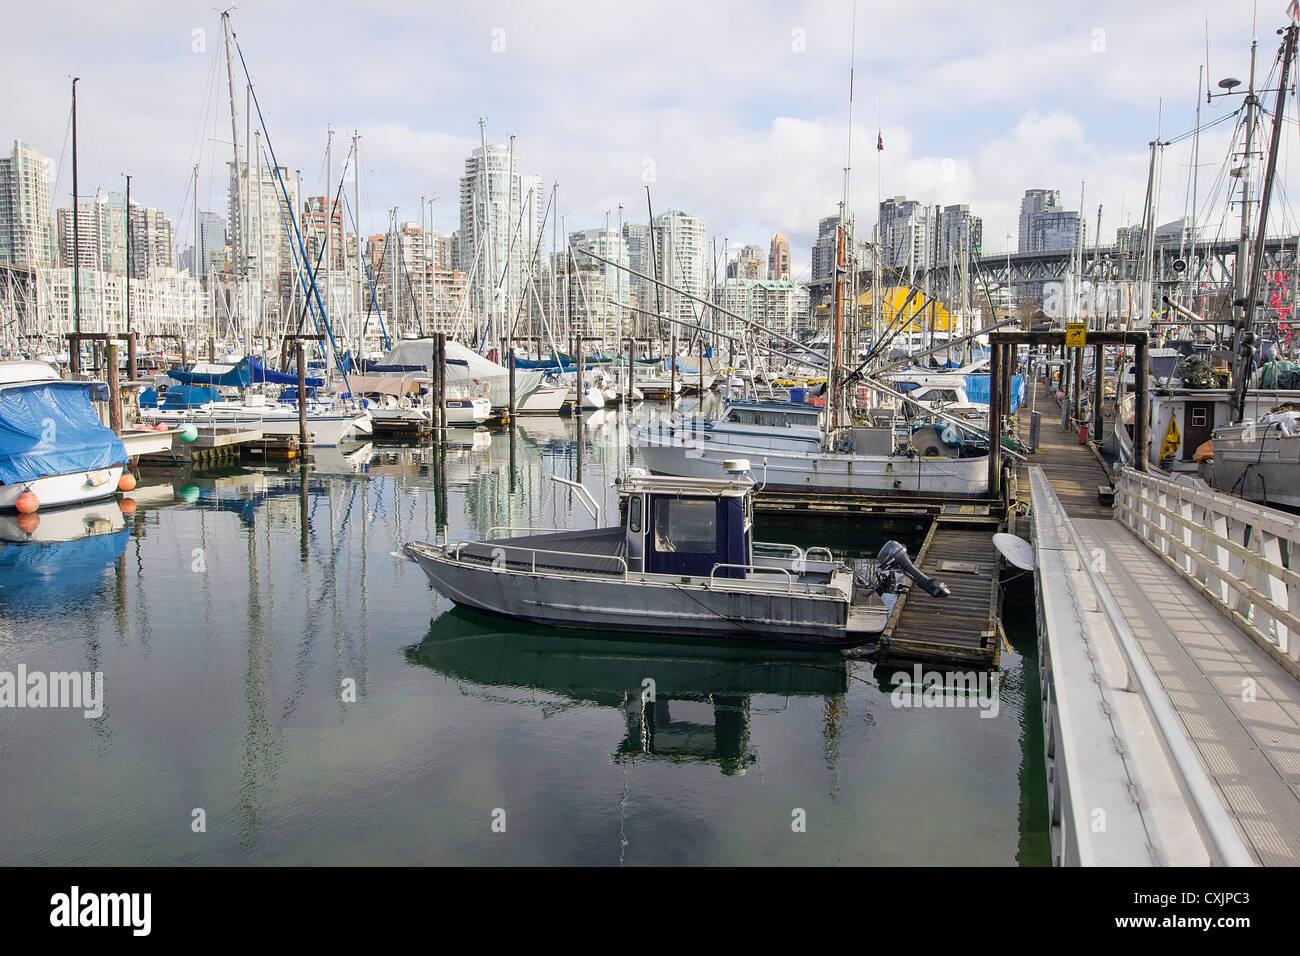 Boats Moorage in Harbor under Granville Island Bridge in Vancouver BC Canada - Stock Image